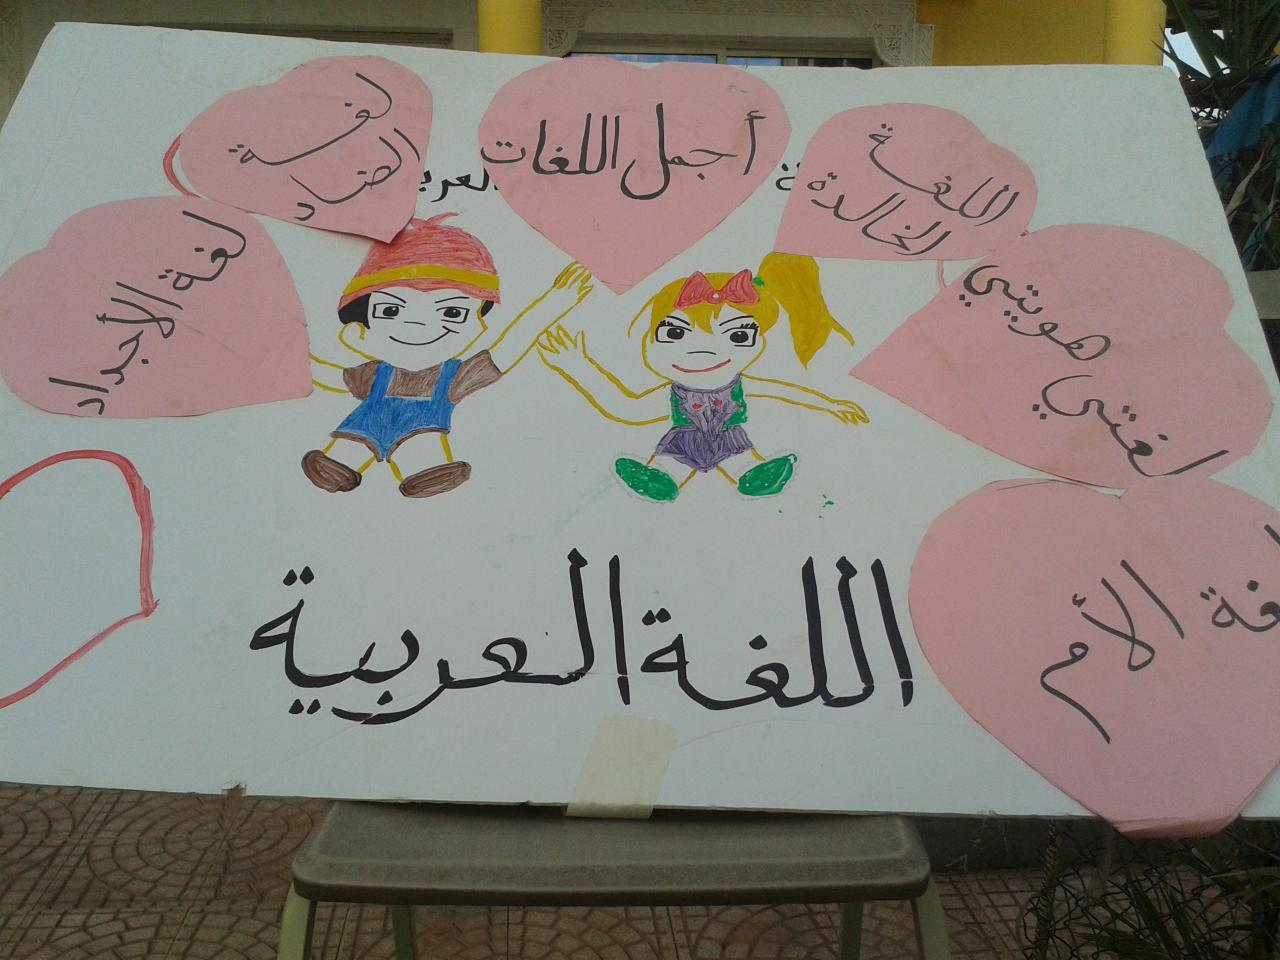 من حين اخر يحدد بدقة الشكل رسومات معبرة عن اللغة العربية Comertinsaat Com